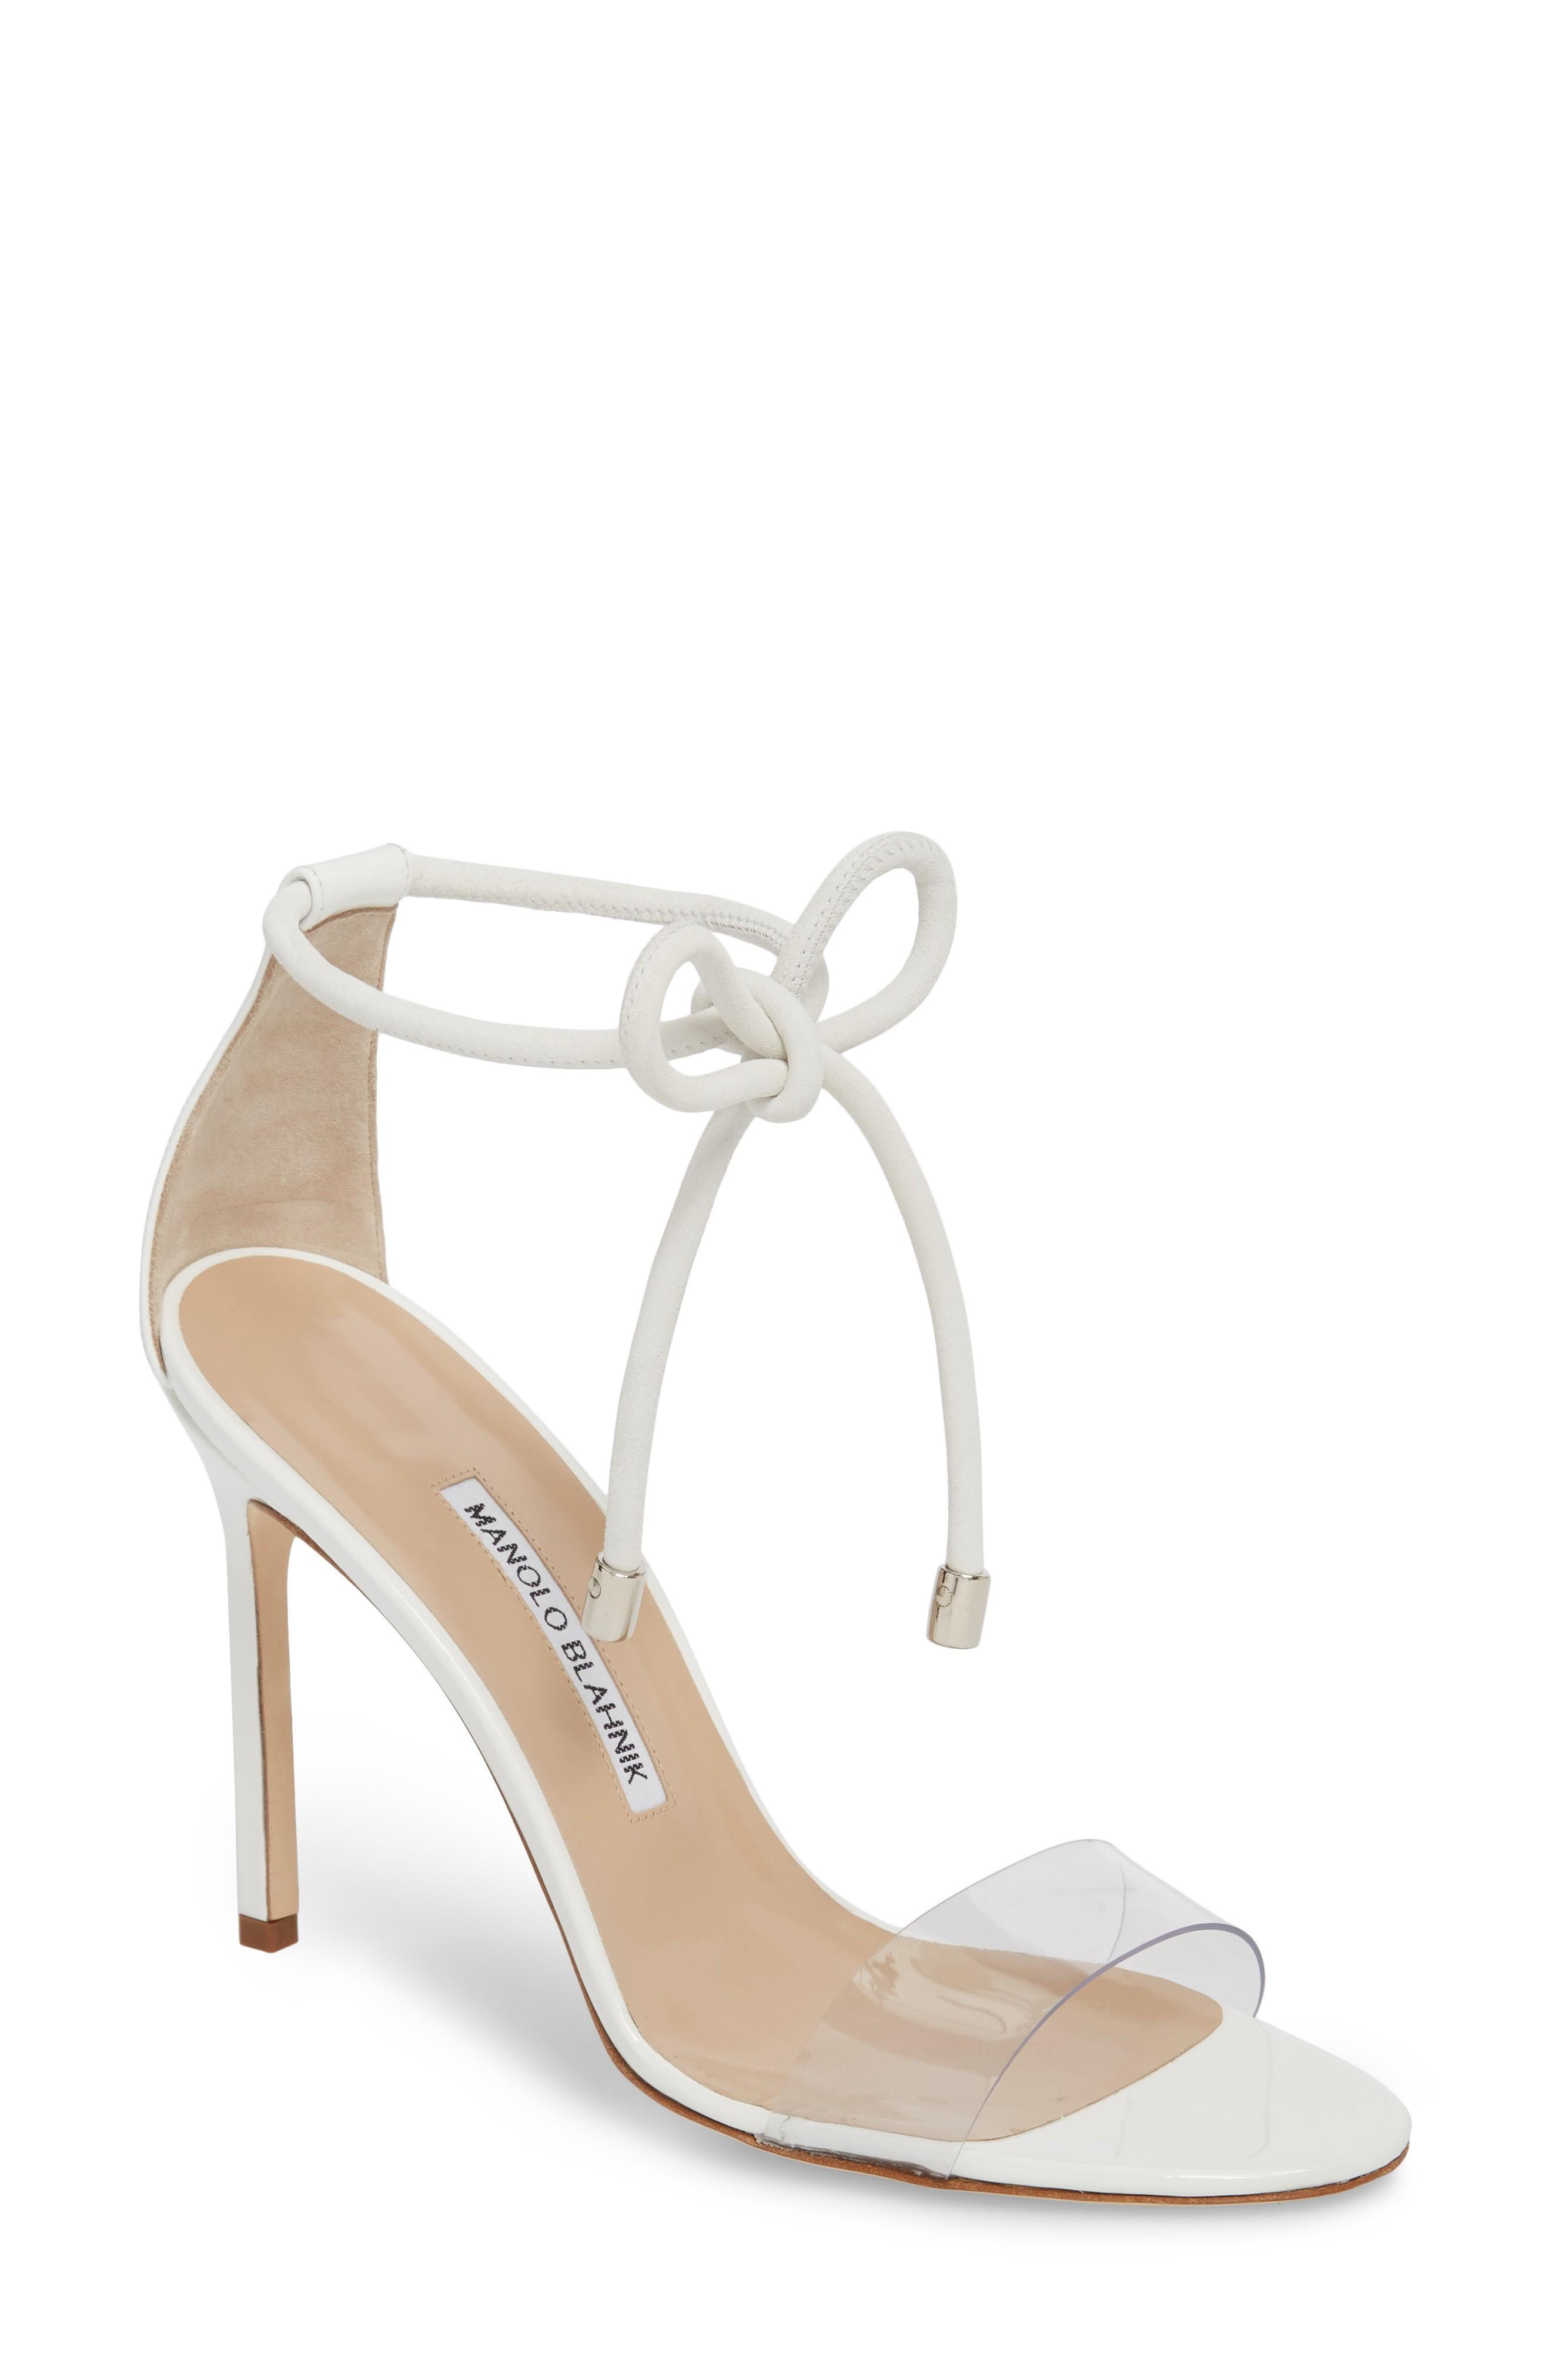 Manolo Blahnik Estro Ankle Tie Sandal In White Patent